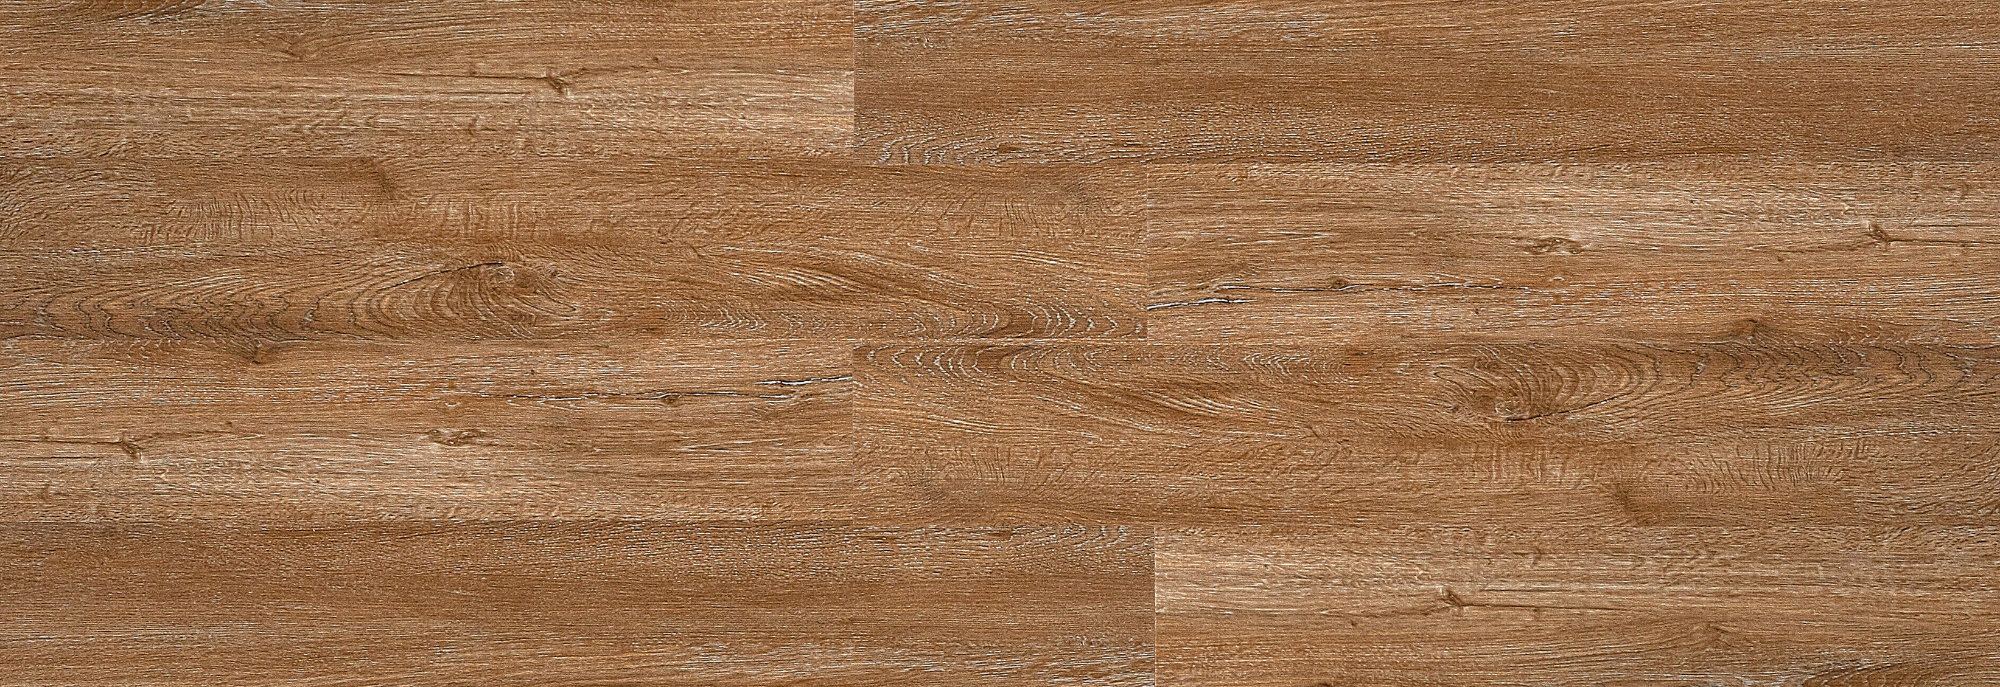 NOMAD FLO - NF10108 Sabadell - Vinylová podlaha s kompozitním jádrem - Click